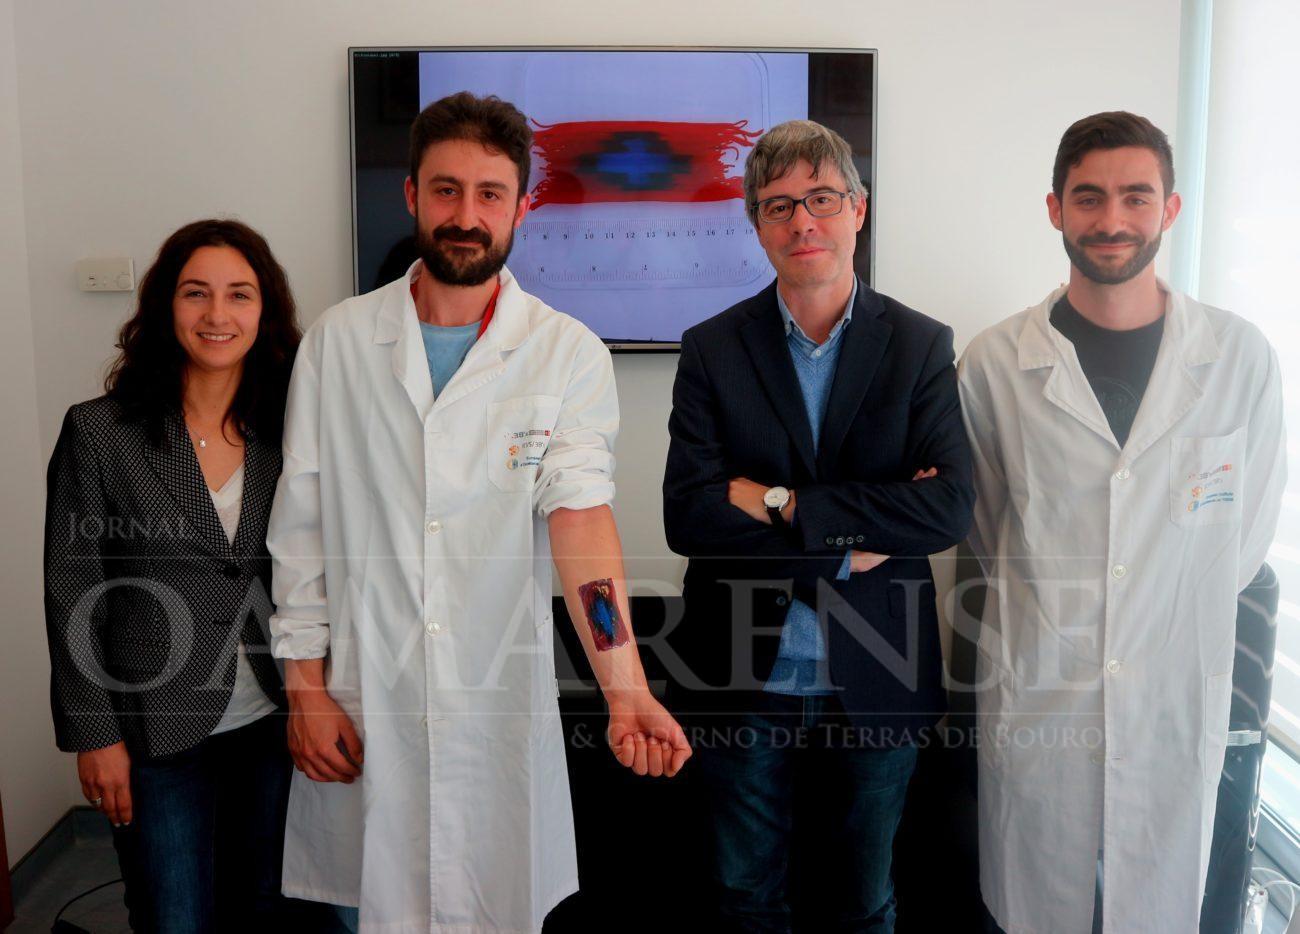 INOVAÇÃO – Cientista da UMinho recebe bolsa do Conselho Europeu de Investigação para desenvolver penso inteligente para feridas